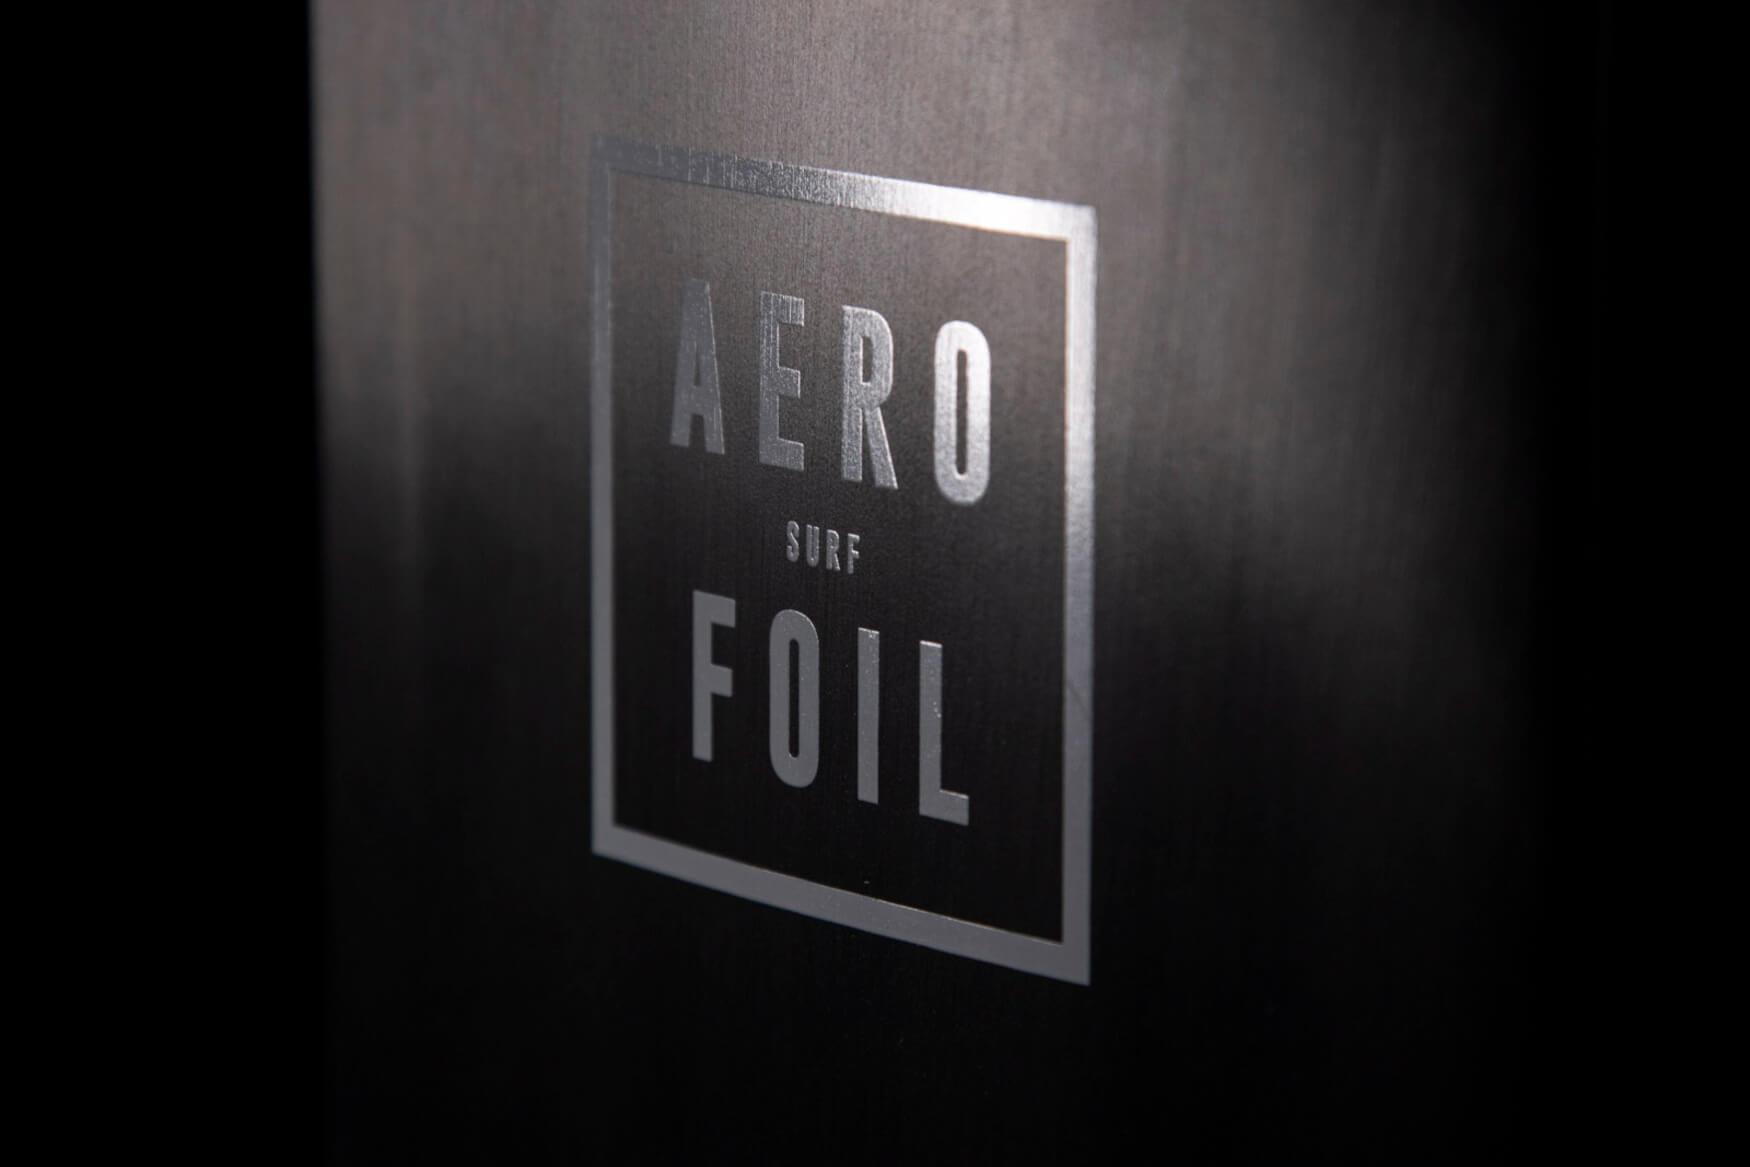 Aero Foil AL 2500